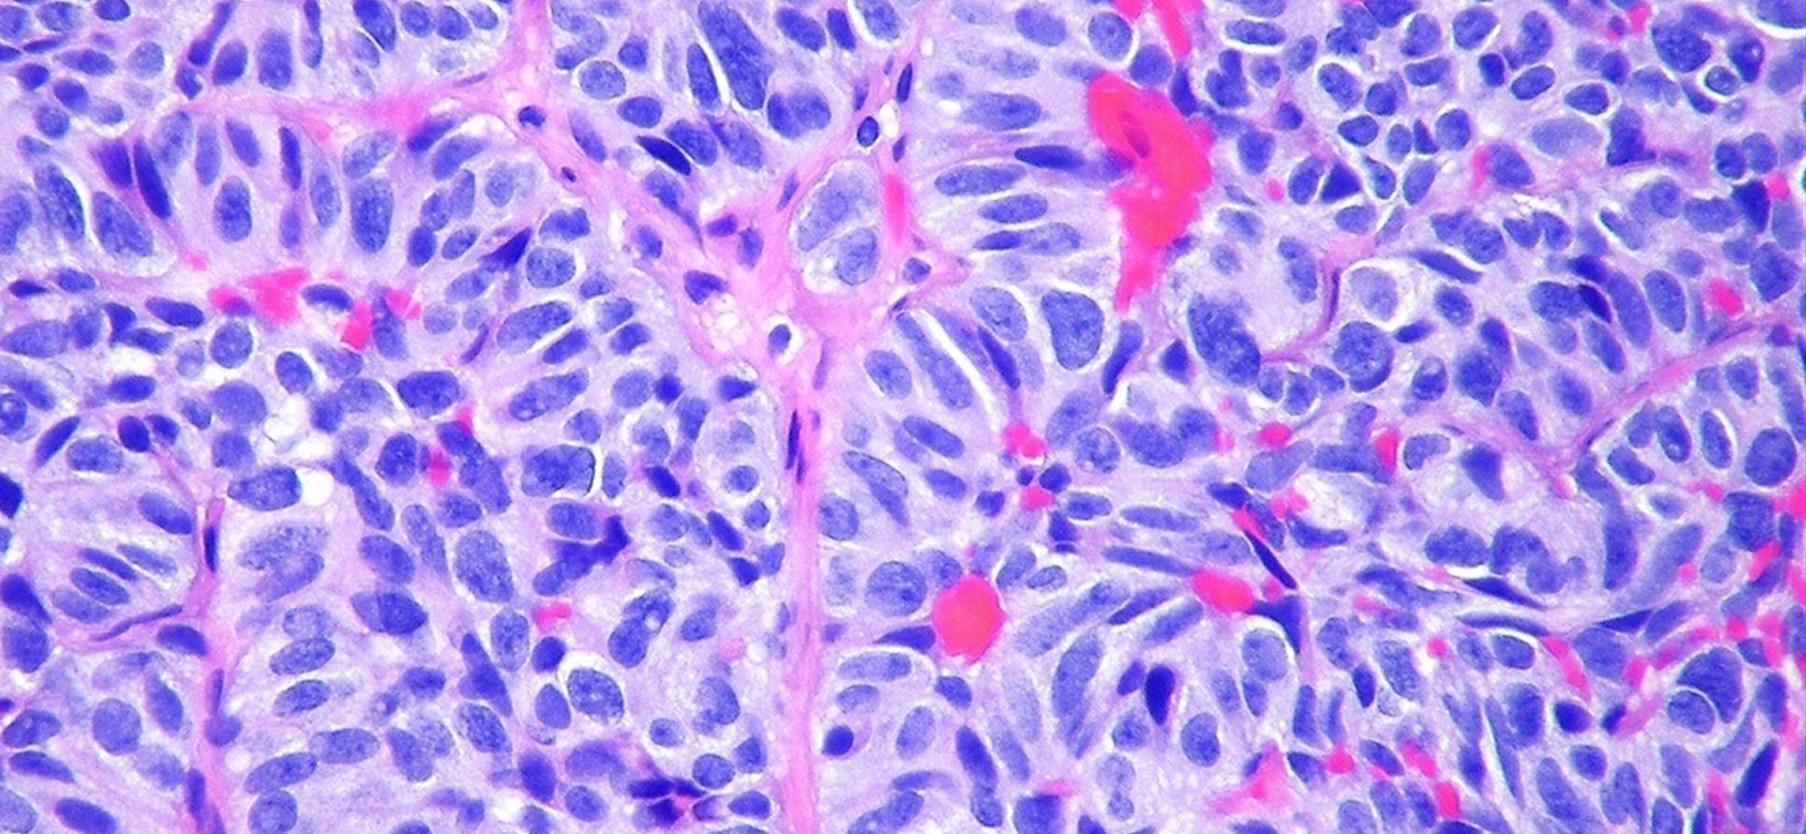 Fármaco capaz de prevenir las metástasis del cáncer de mama...